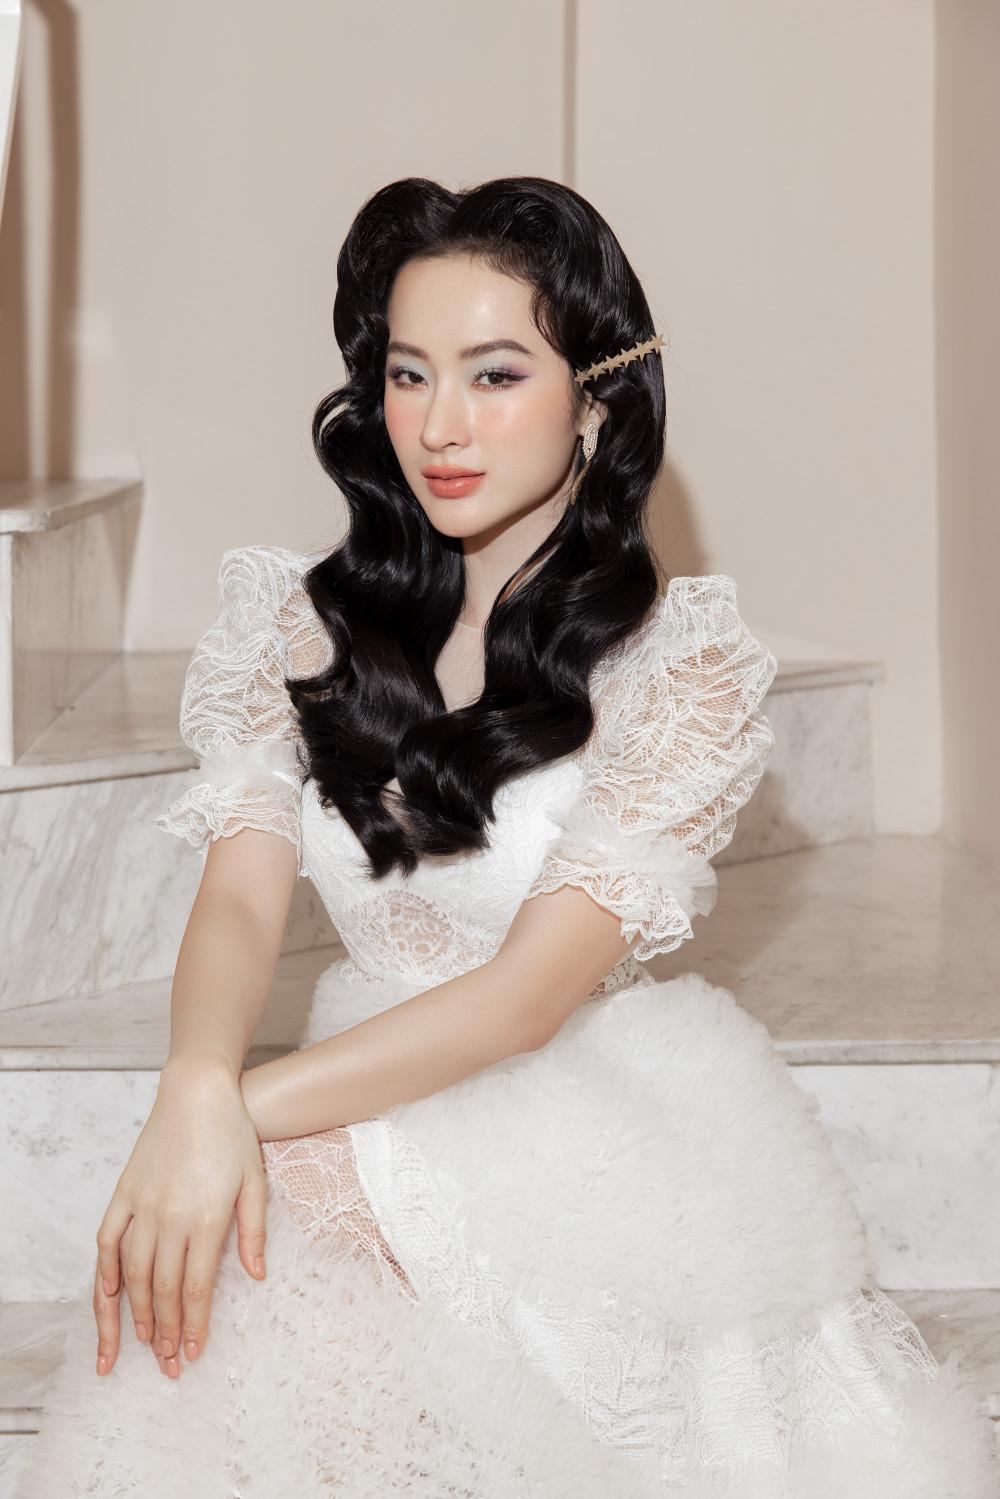 Từ nhiều lần xuất hiện trên thảm đỏ với vẻ ngoài được đầu tư, Angela Phương Trinh